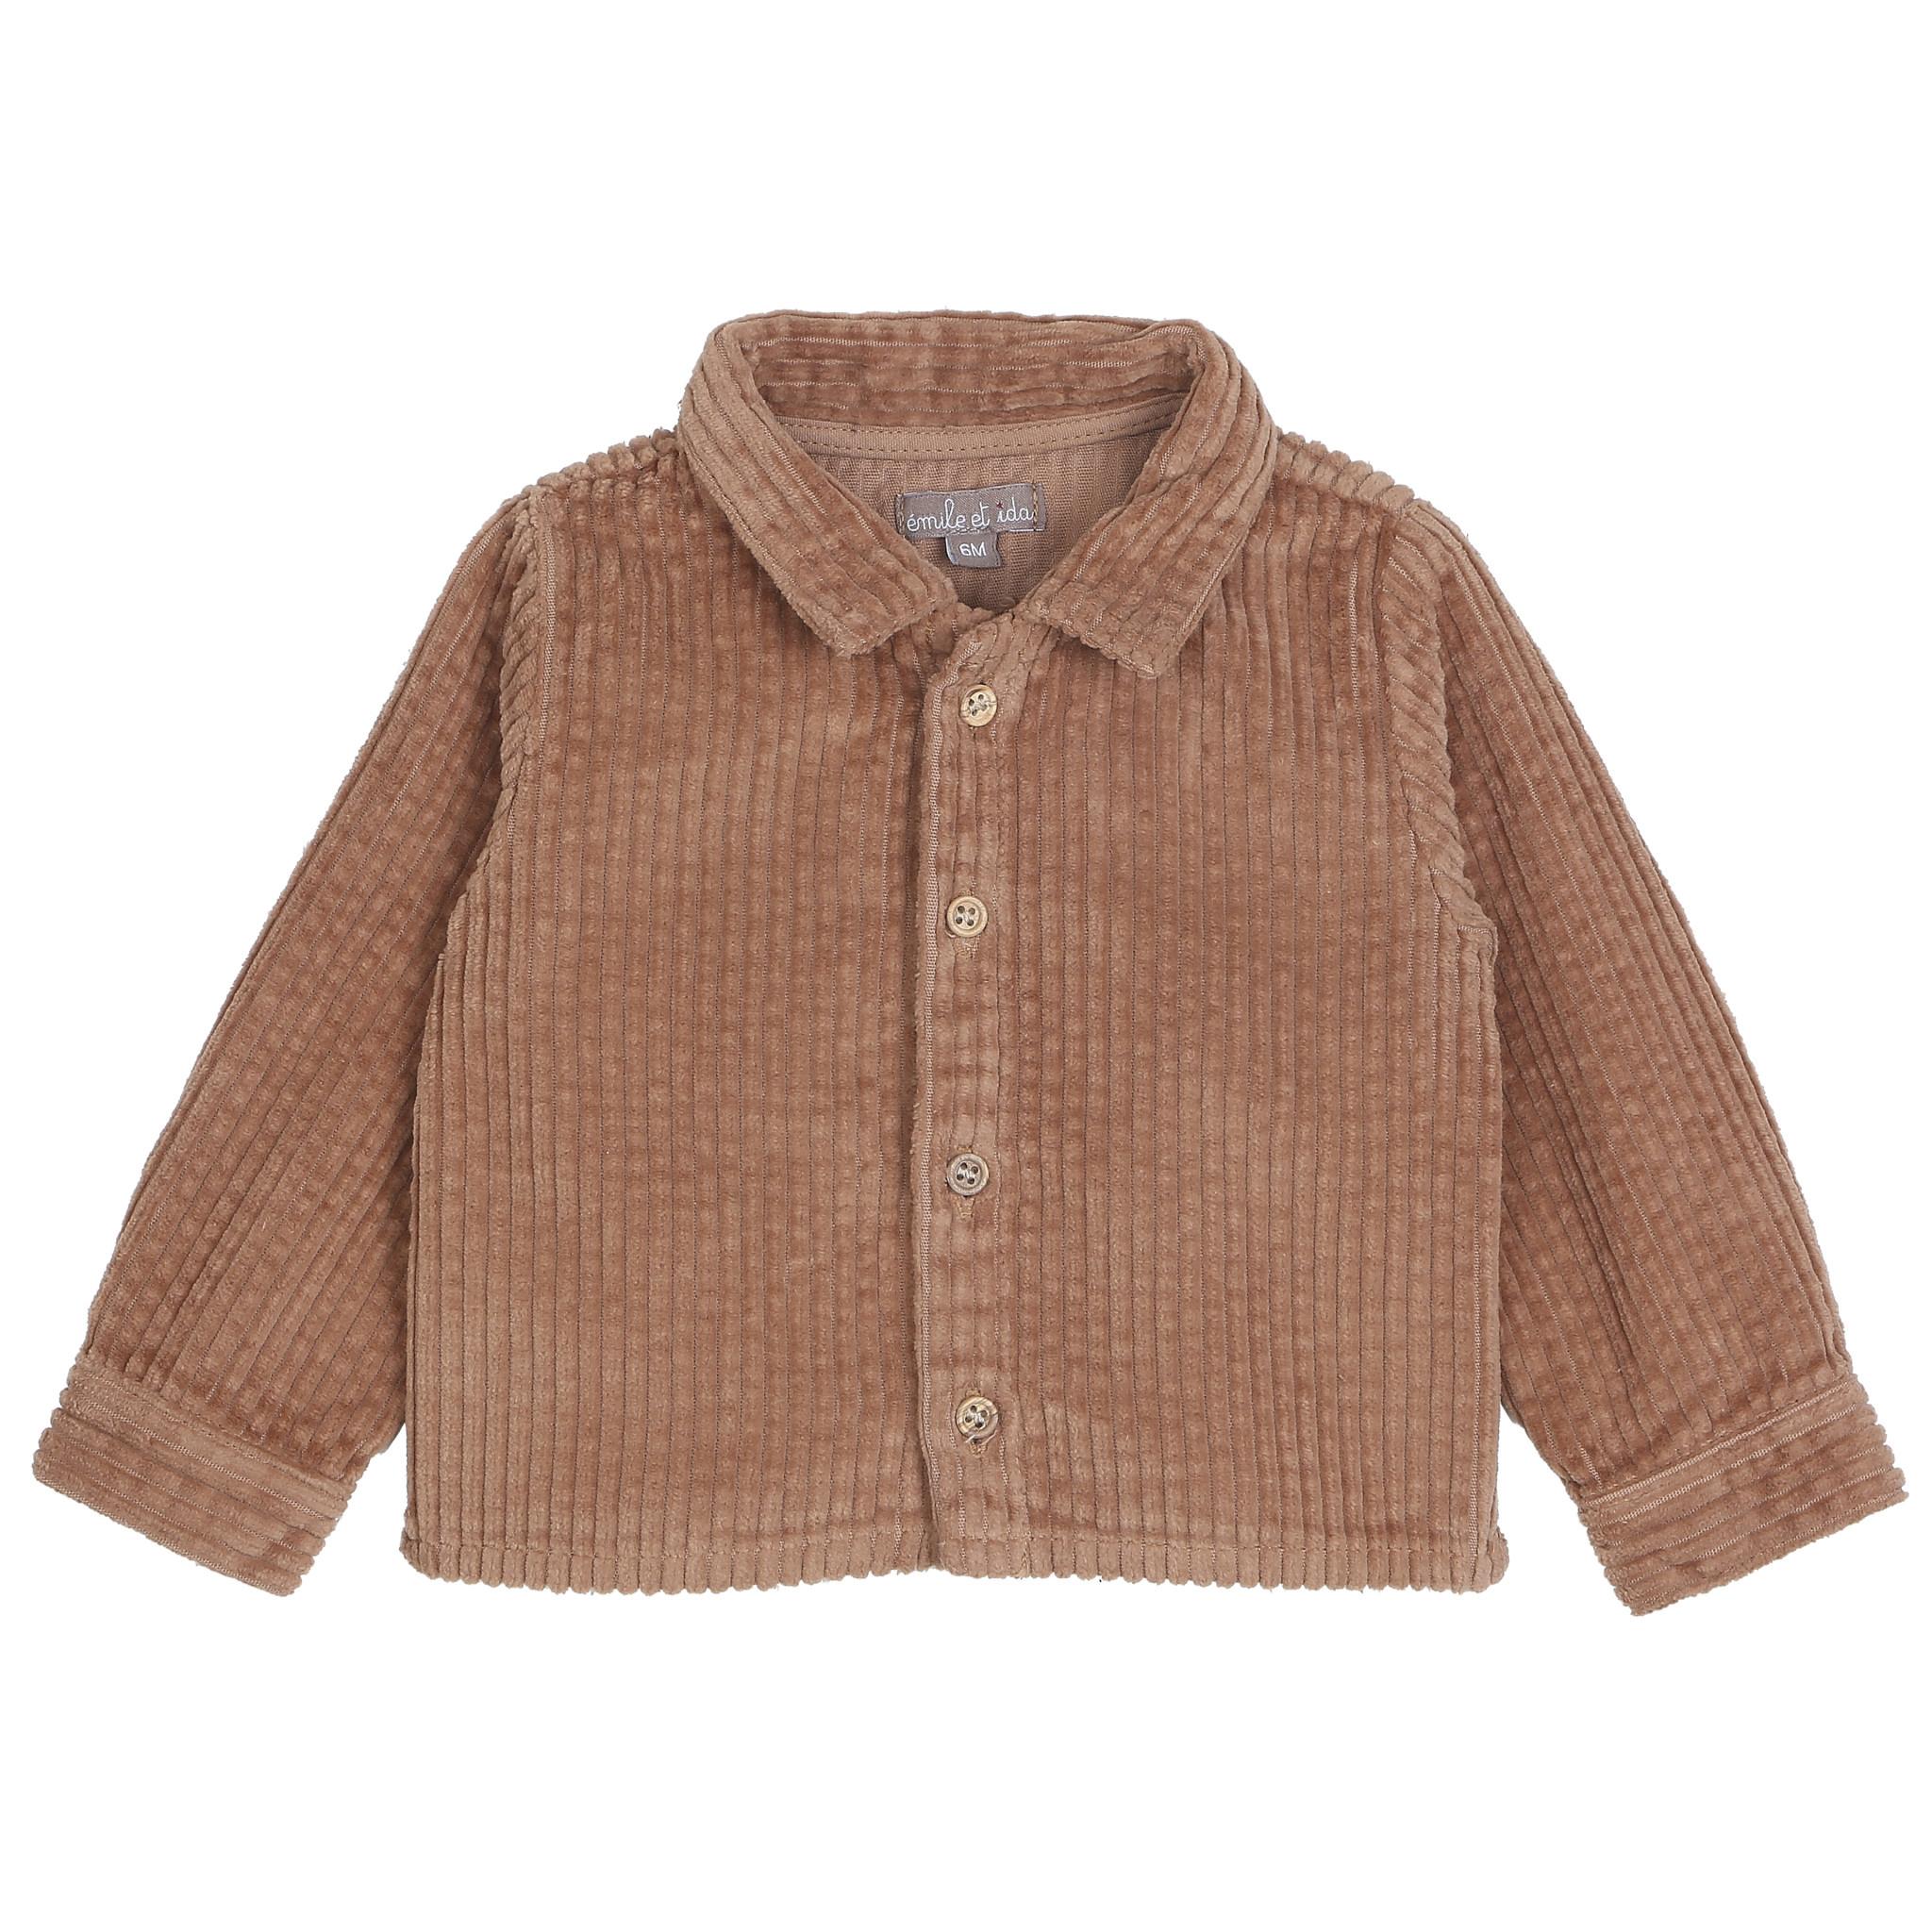 Jacket marron glace-1